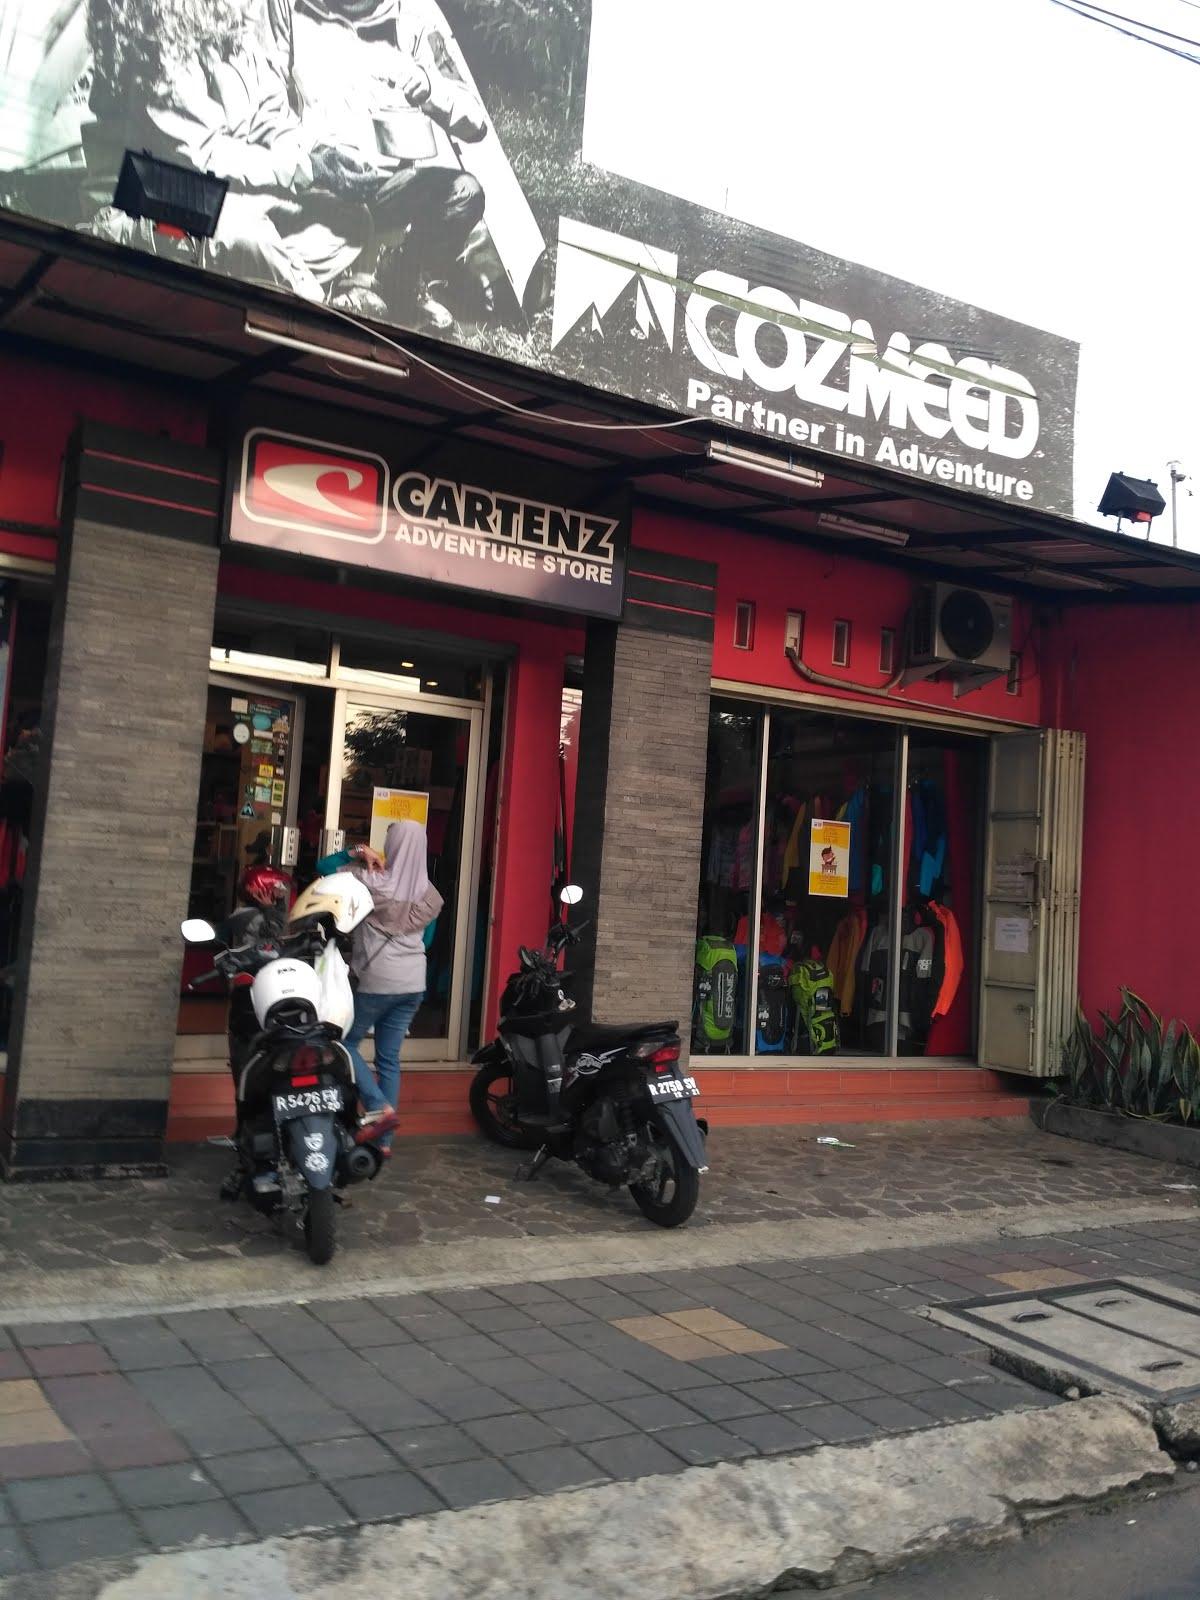 Cozmeed Store merupakan toko outdoor yang cukup lama menjadi penyedia perlengkapan naik gunung dari brand Cozmeed Toko ini dapat anda temukan di alamat